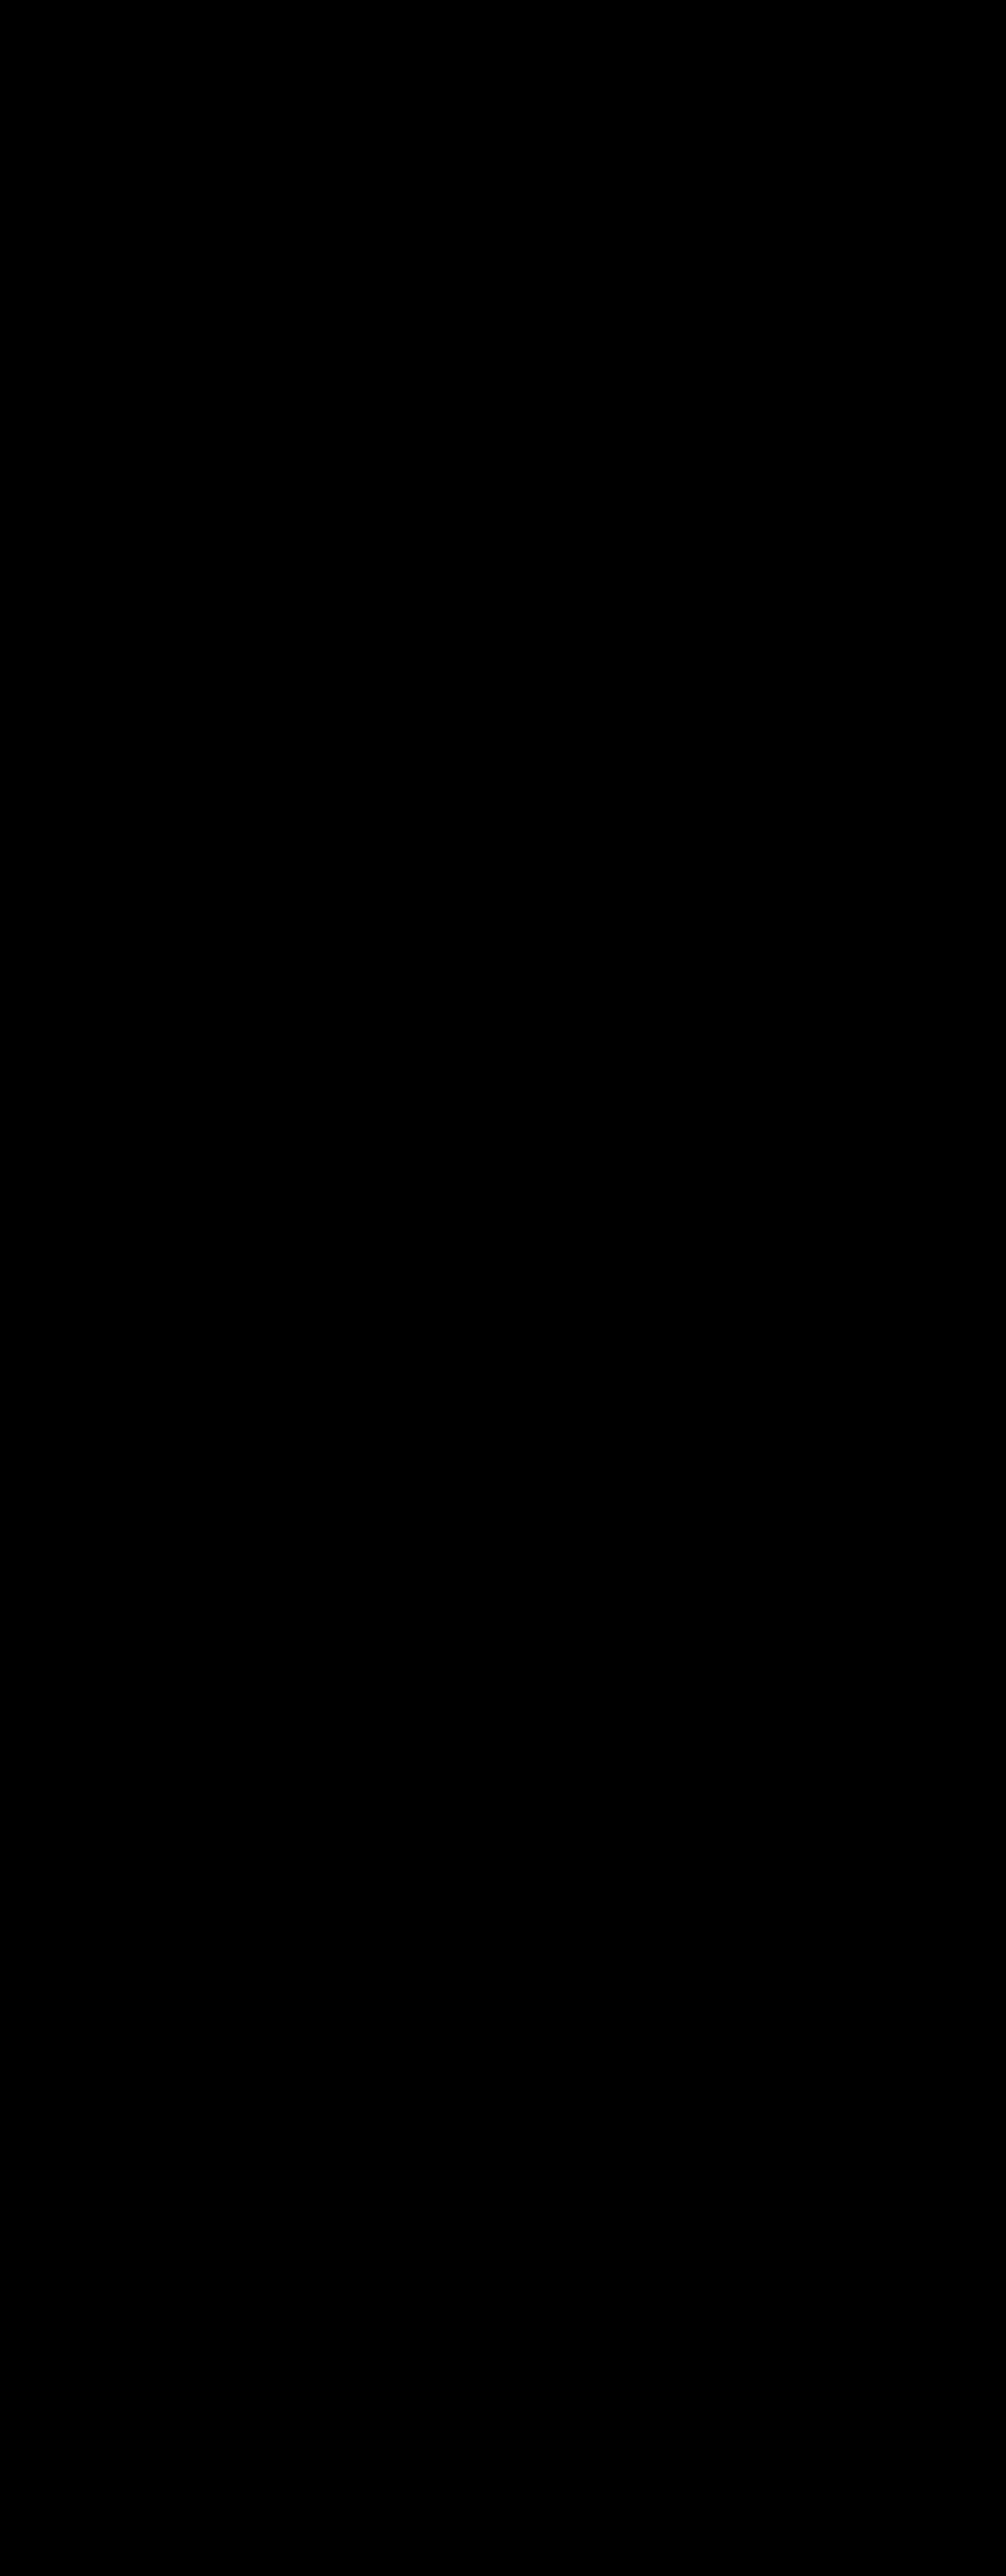 Biennale Arteinsieme 2019